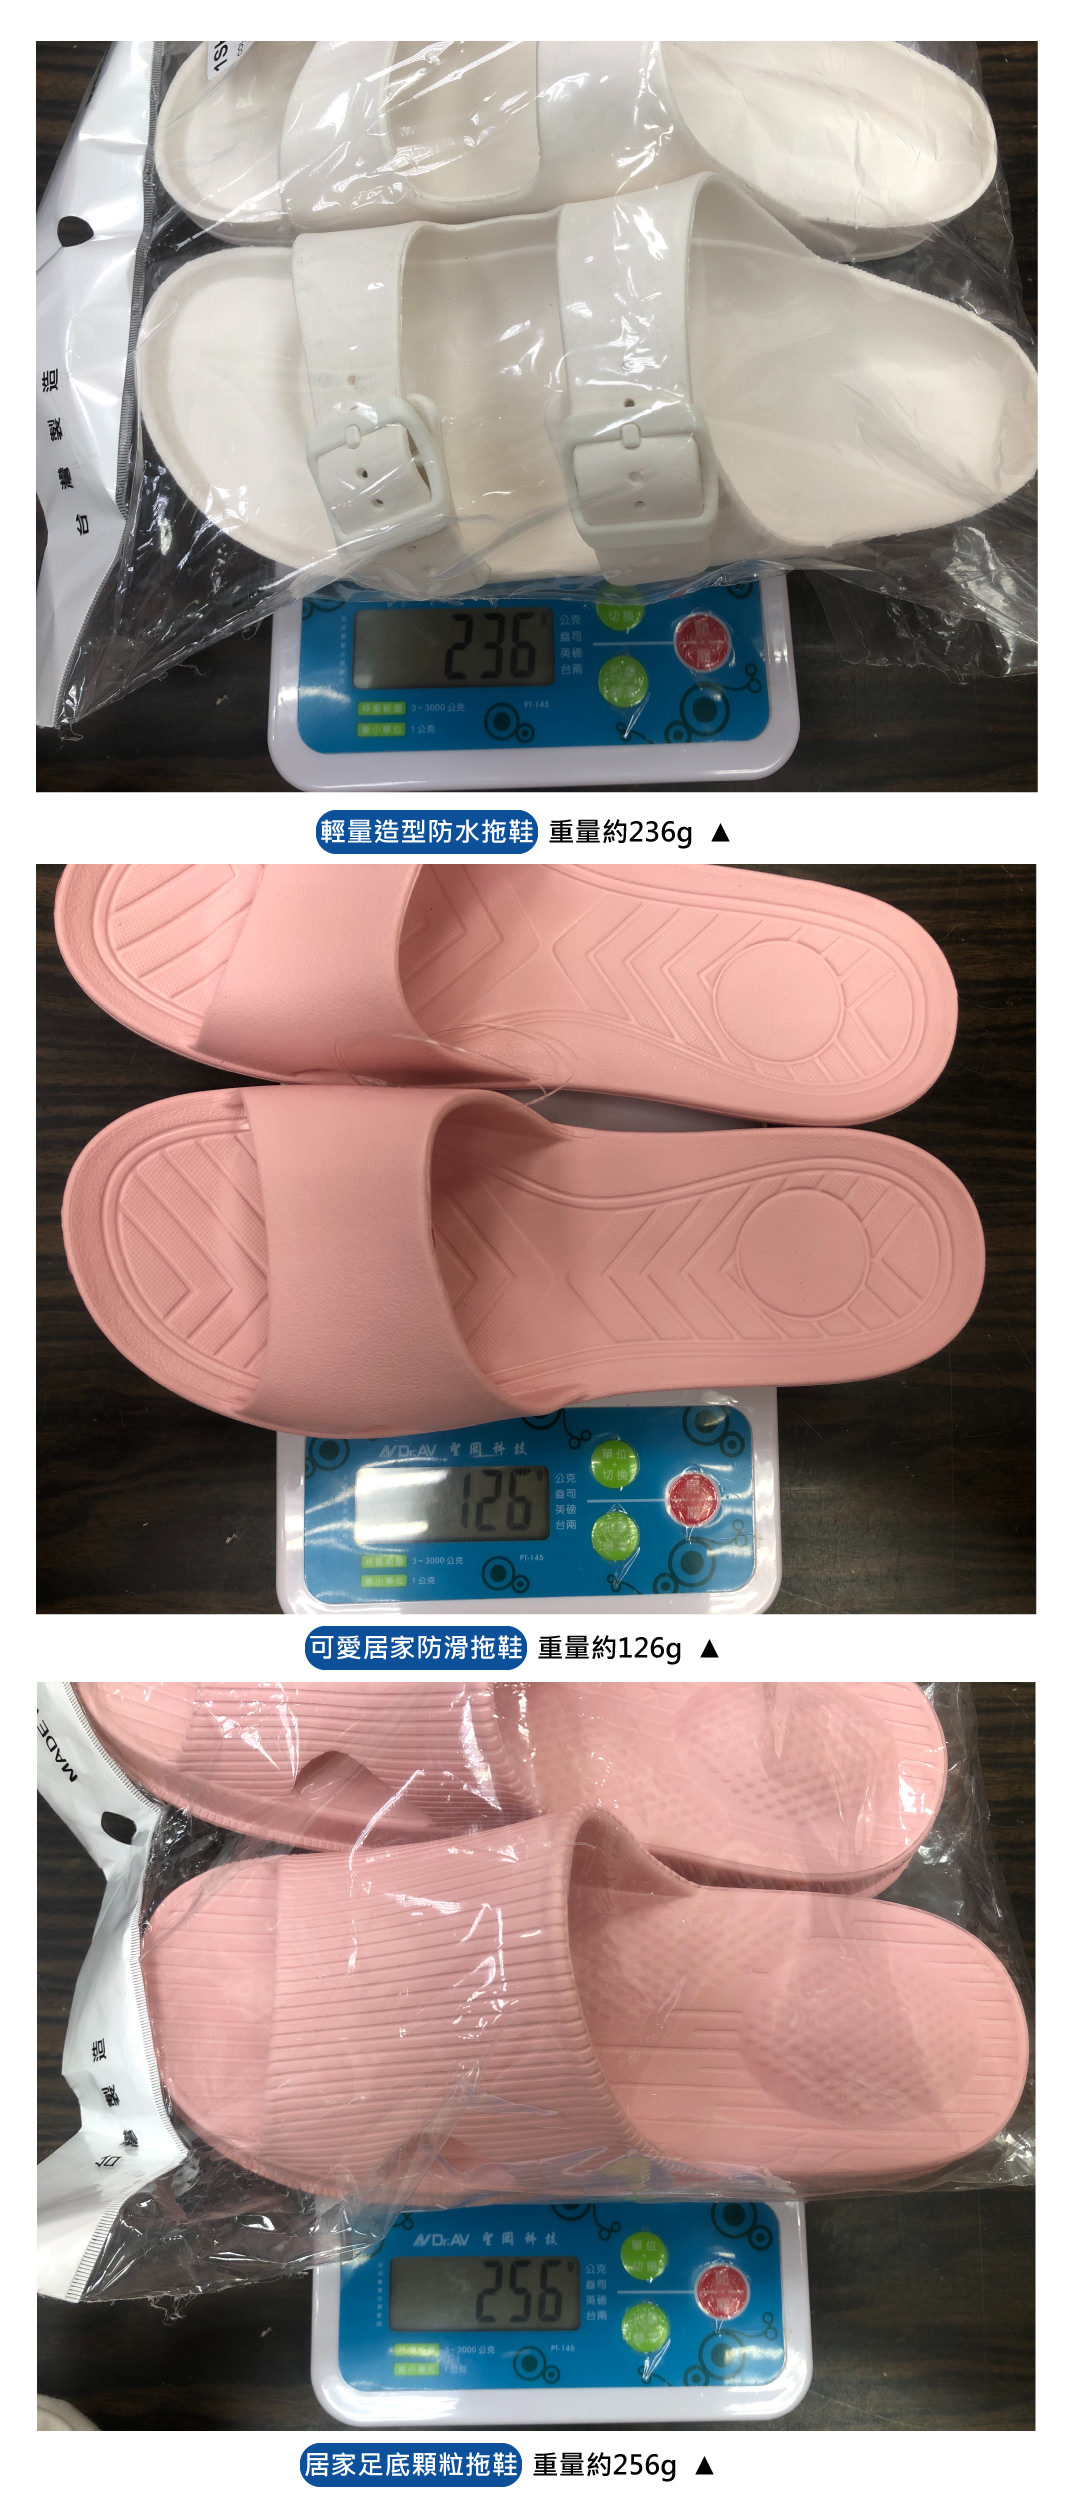 富發牌拖鞋重量實測